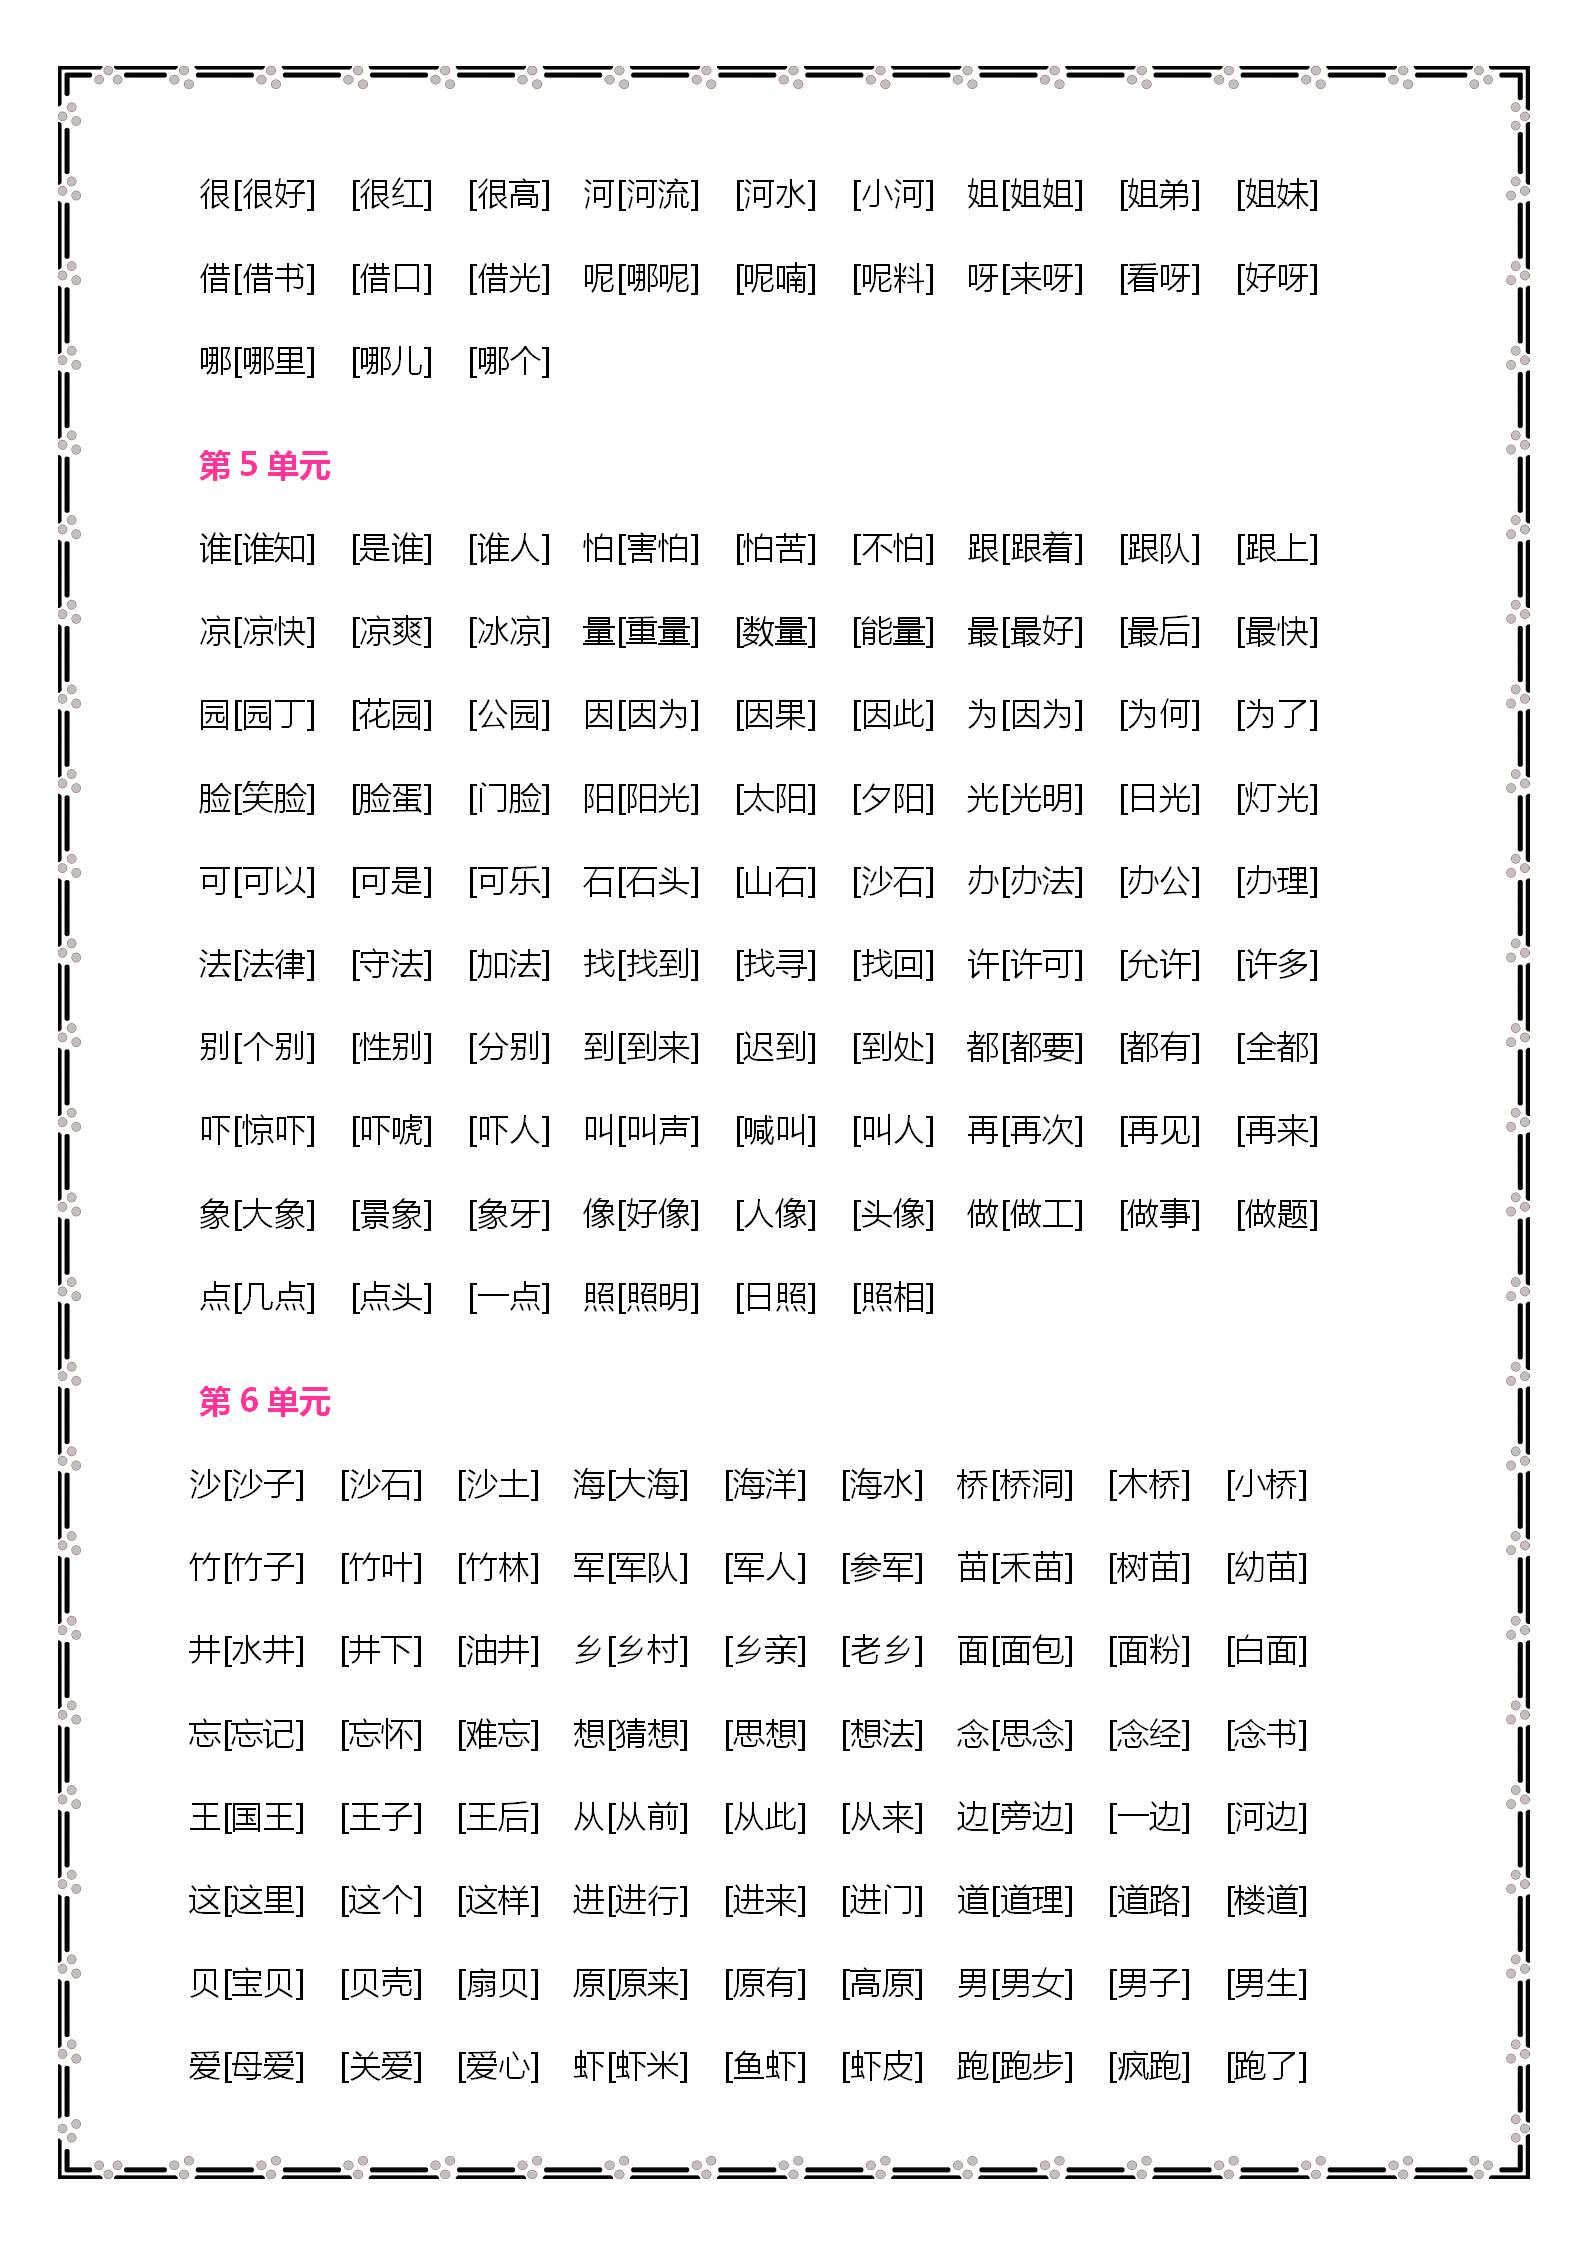 二年级语文上册生字表